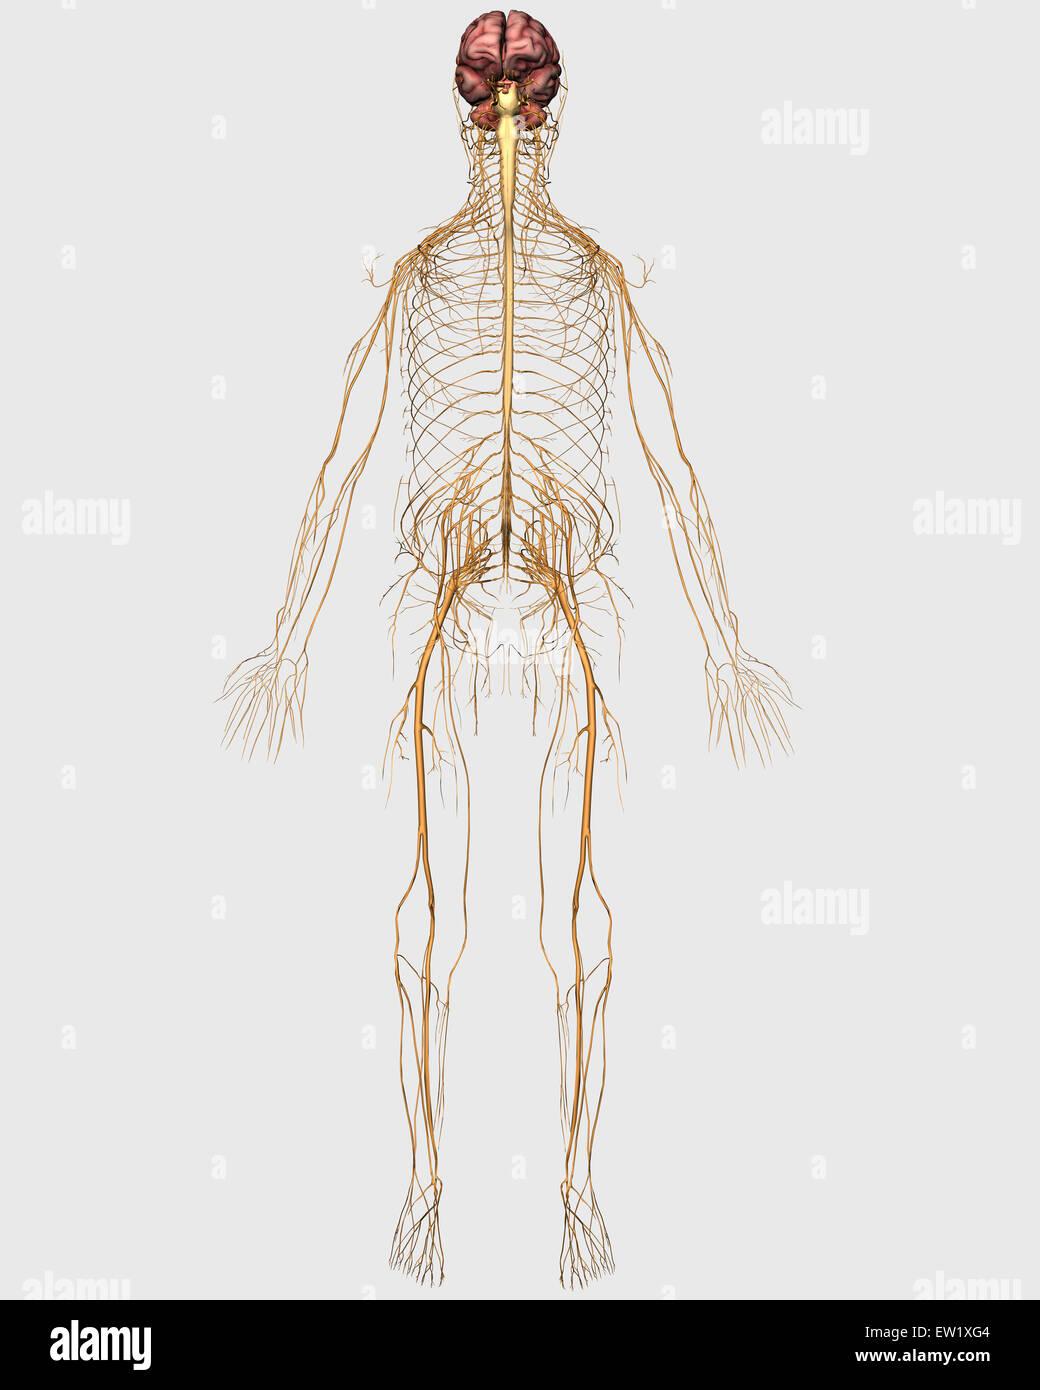 Medizinische Illustration des peripheren Nervensystems mit Gehirn ...